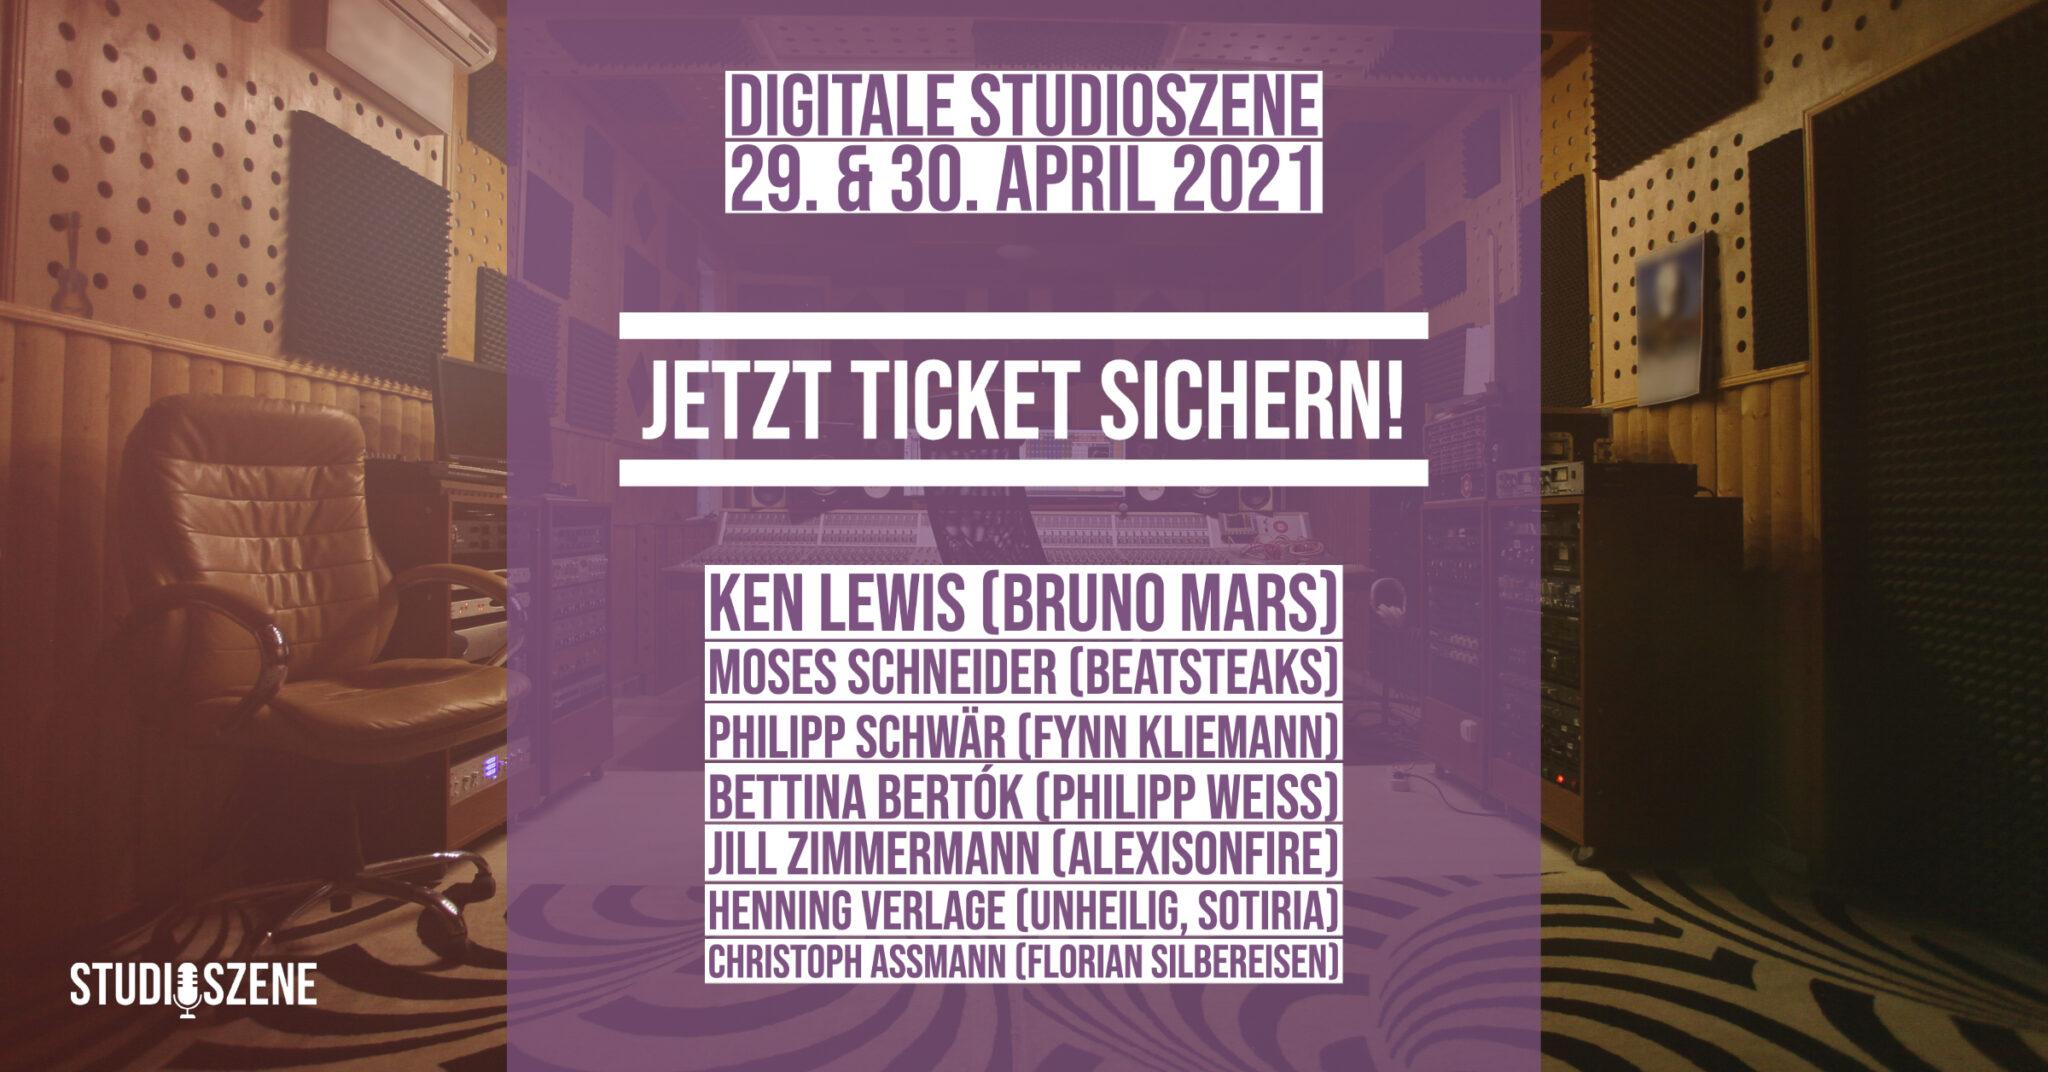 Digitale Studioszene 2021